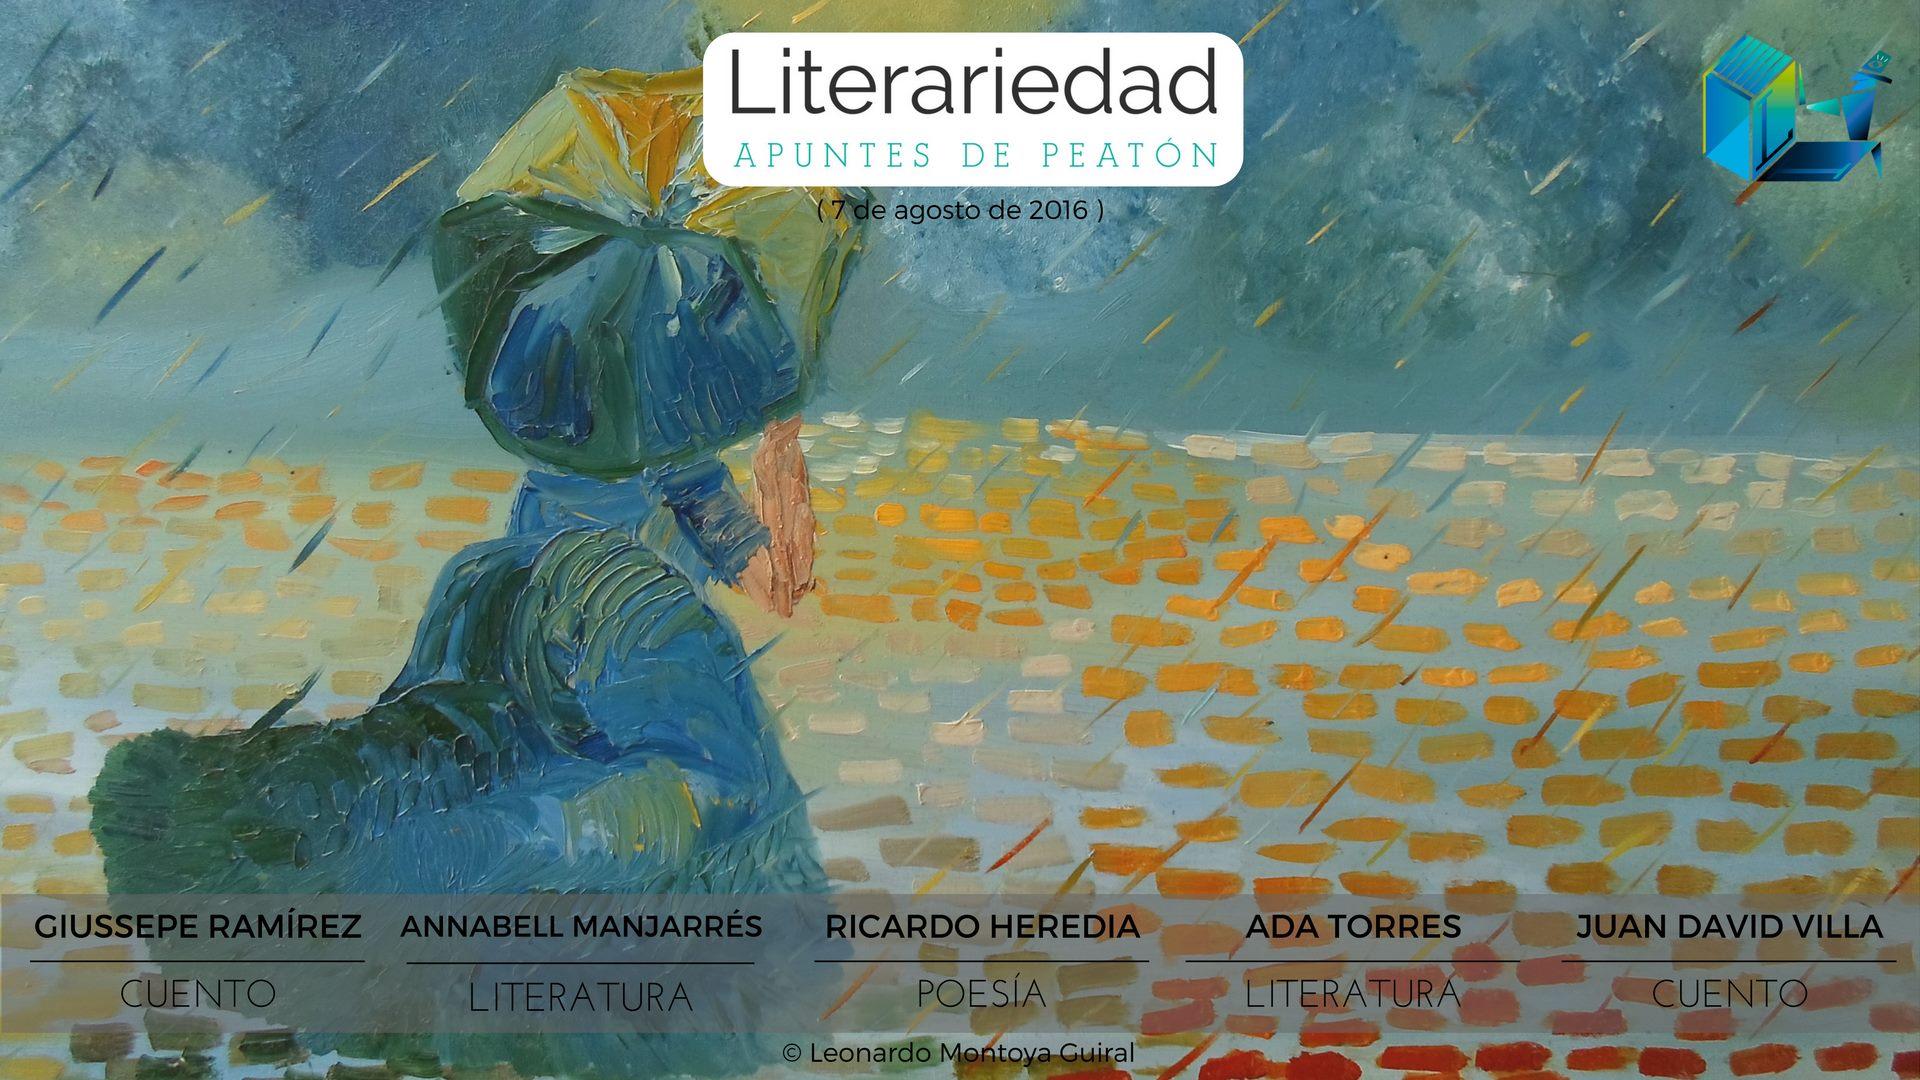 Edición del 7 de agosto de 2016 en Literariedad